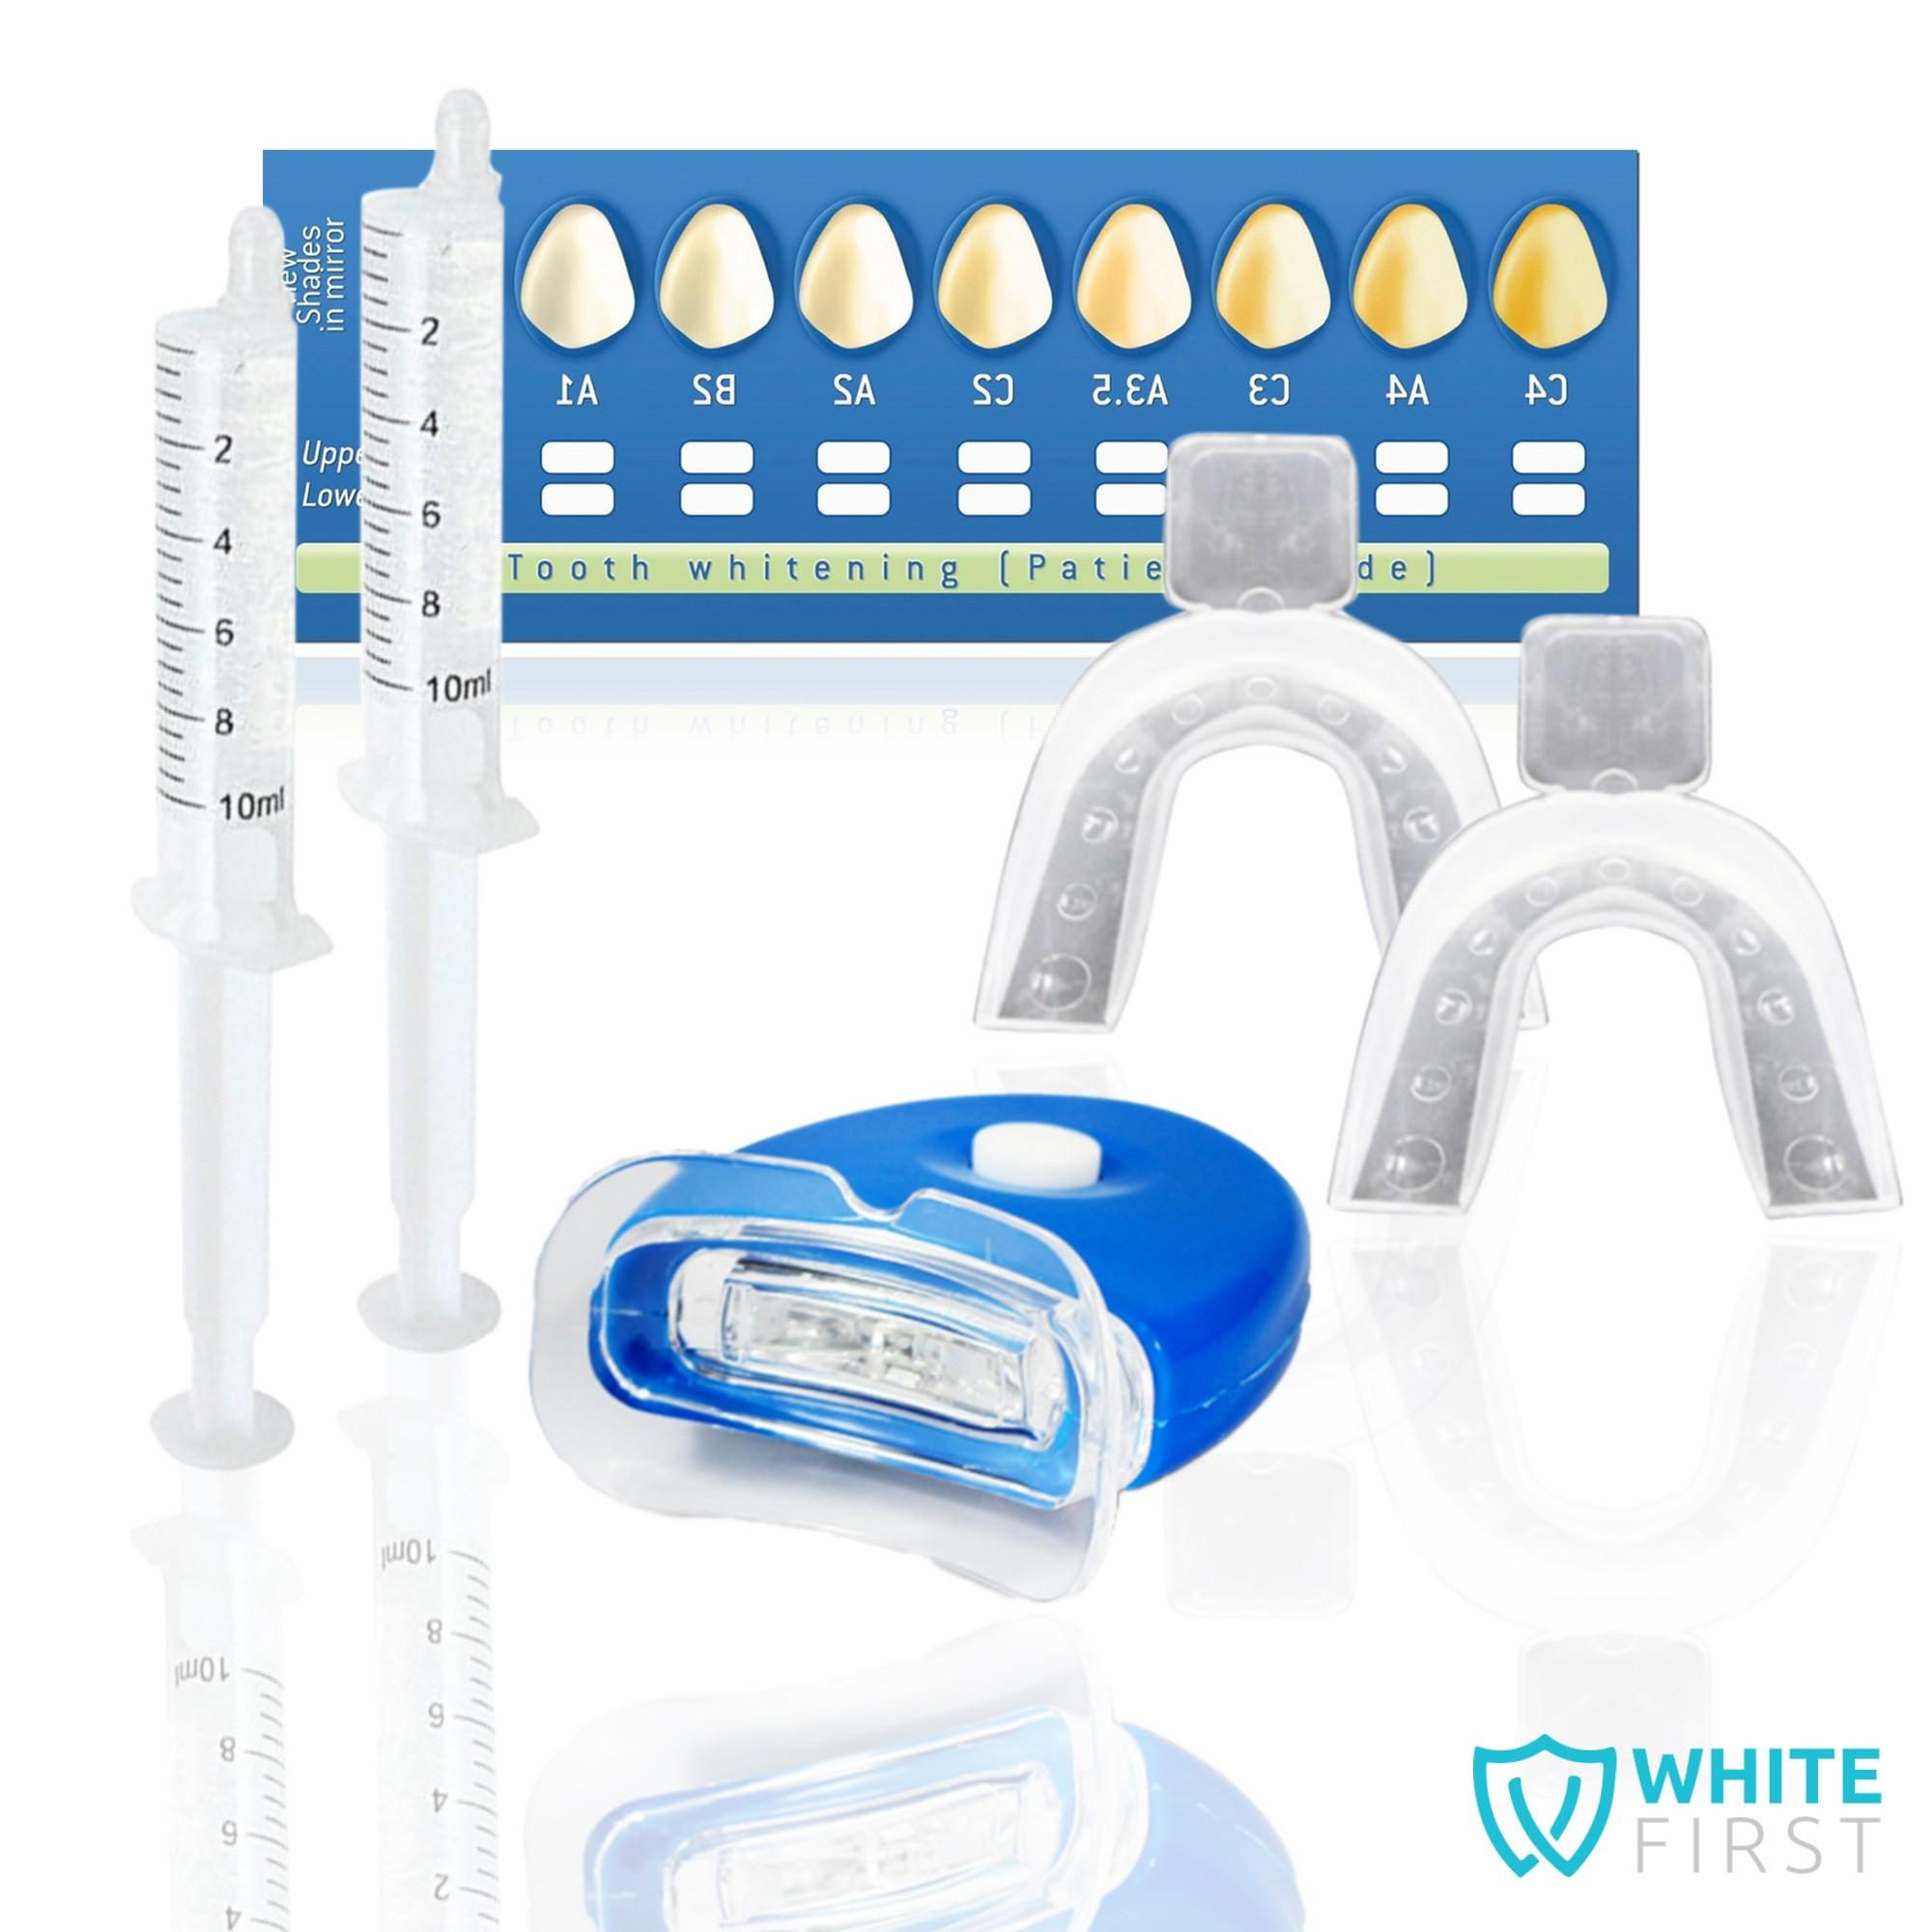 le kit blanchiment des dents